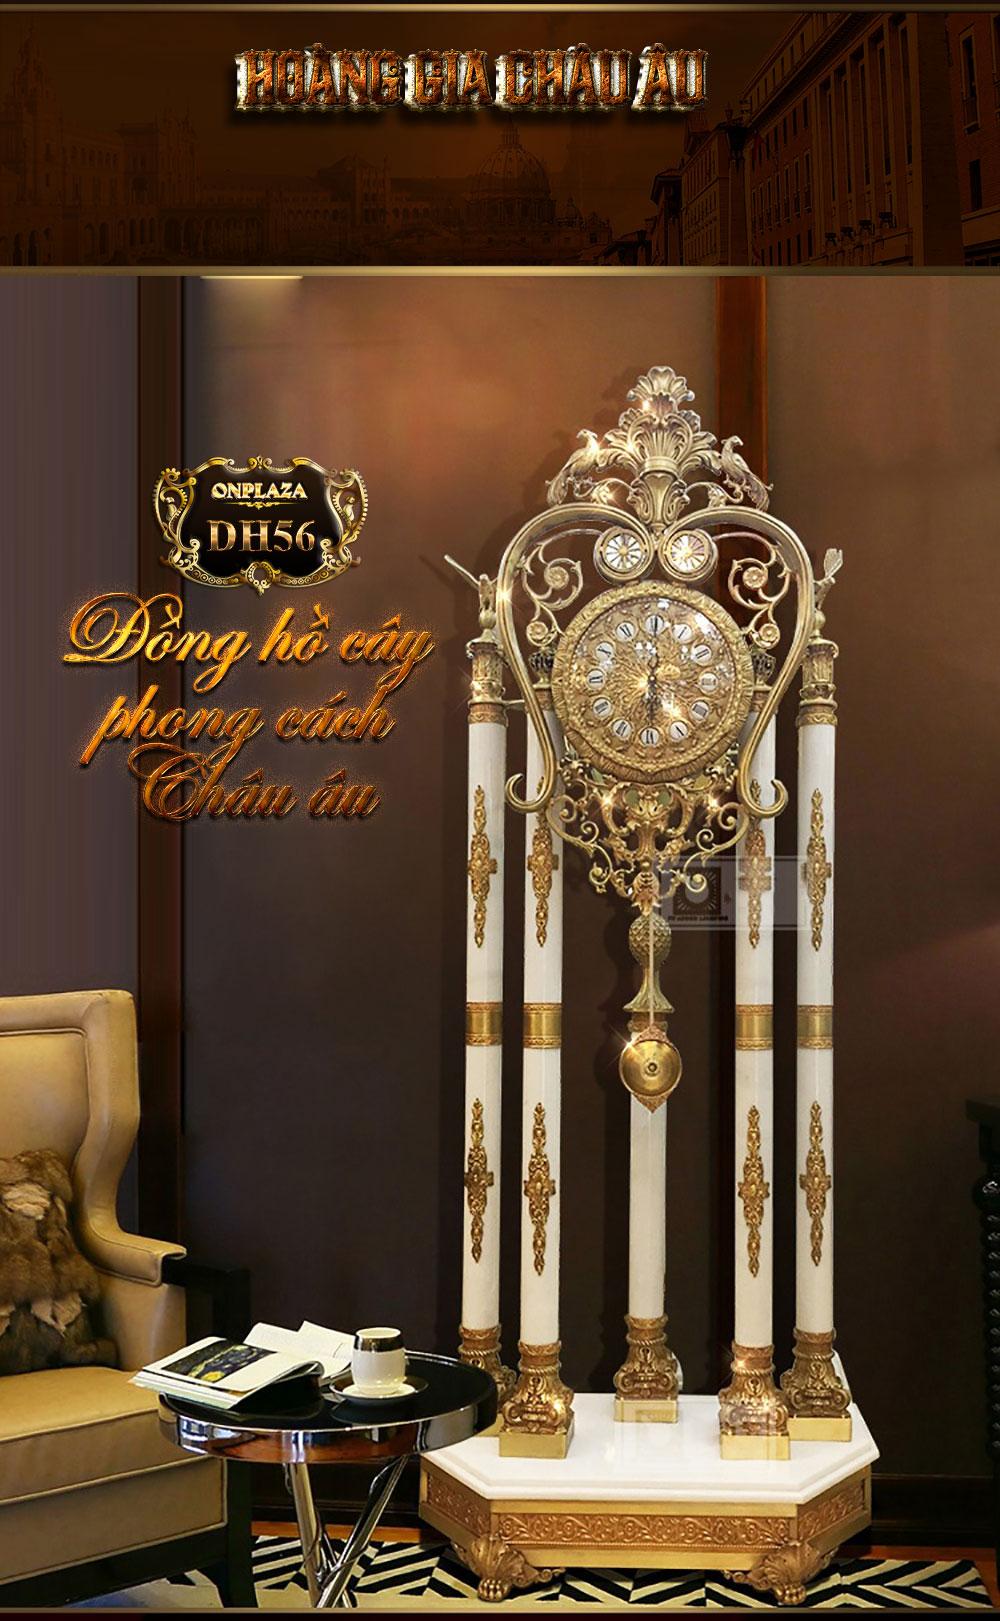 Đồng hồ cây đá phong thủy DH56 chạm khắc hoa văn phục cổ